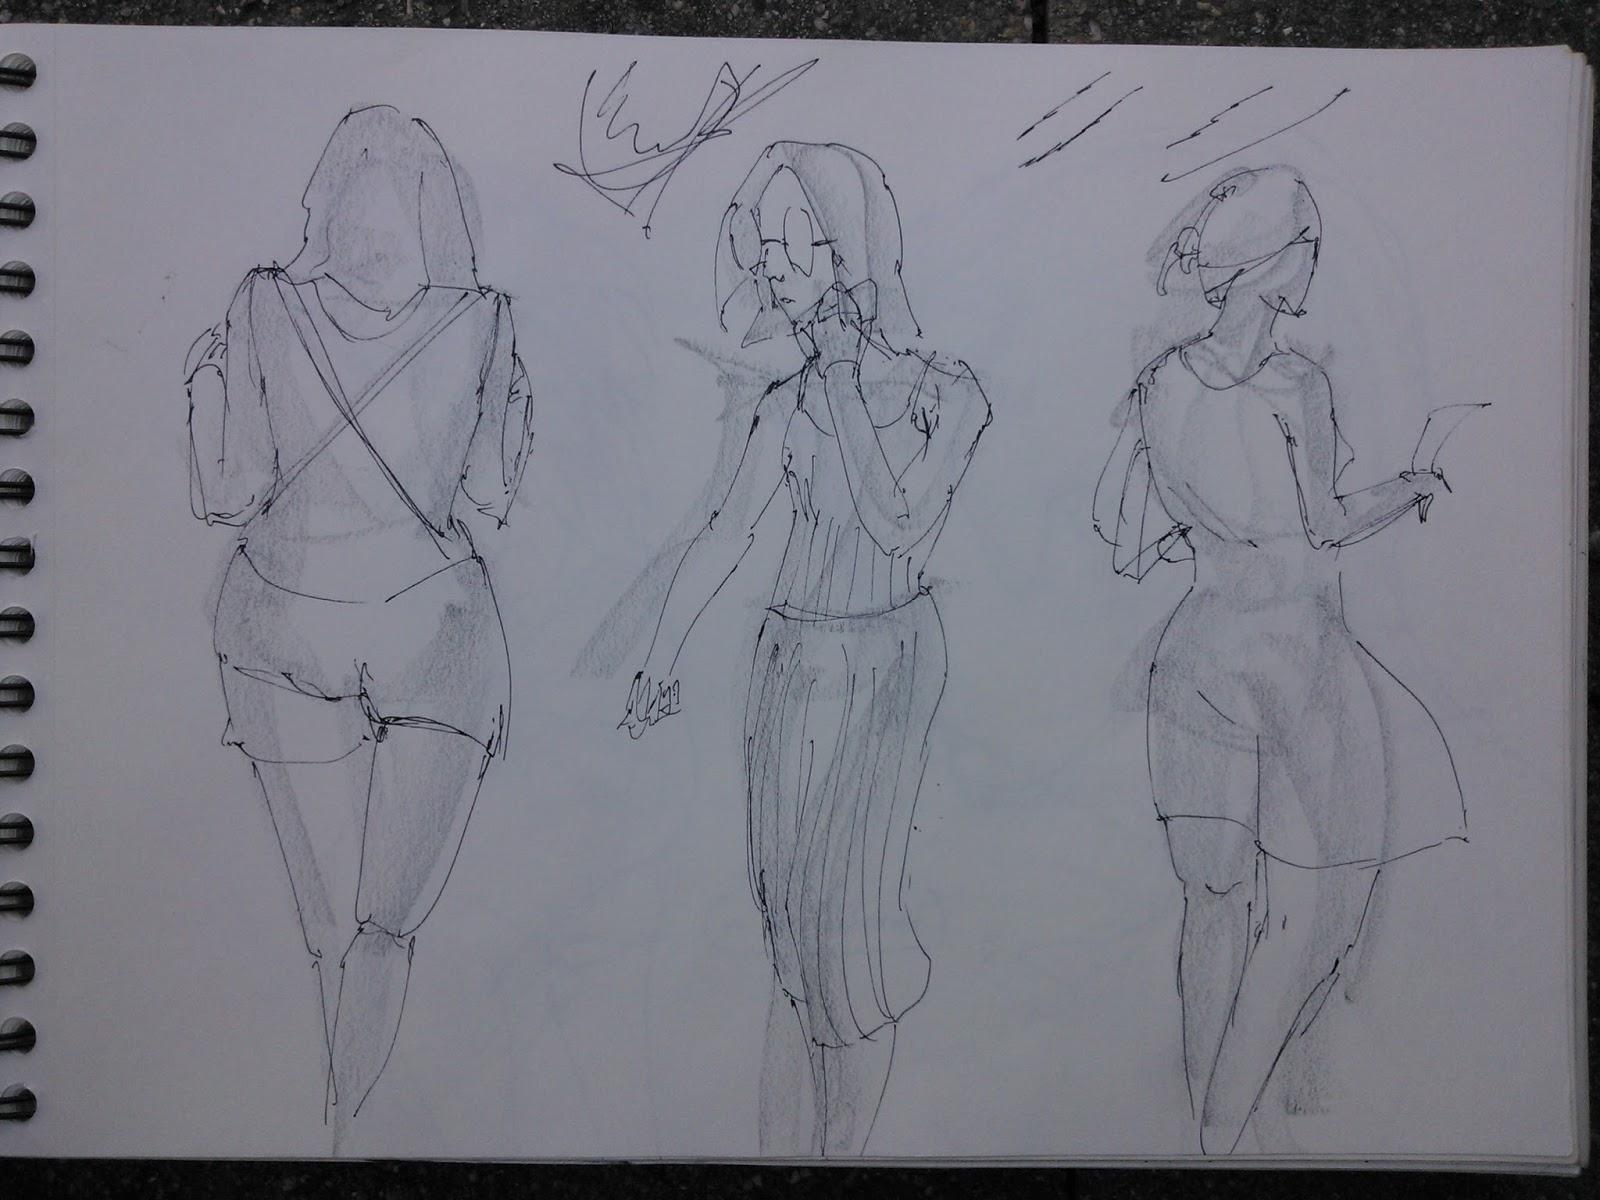 [SPOLYK] - Geometries & sketches WP_000307